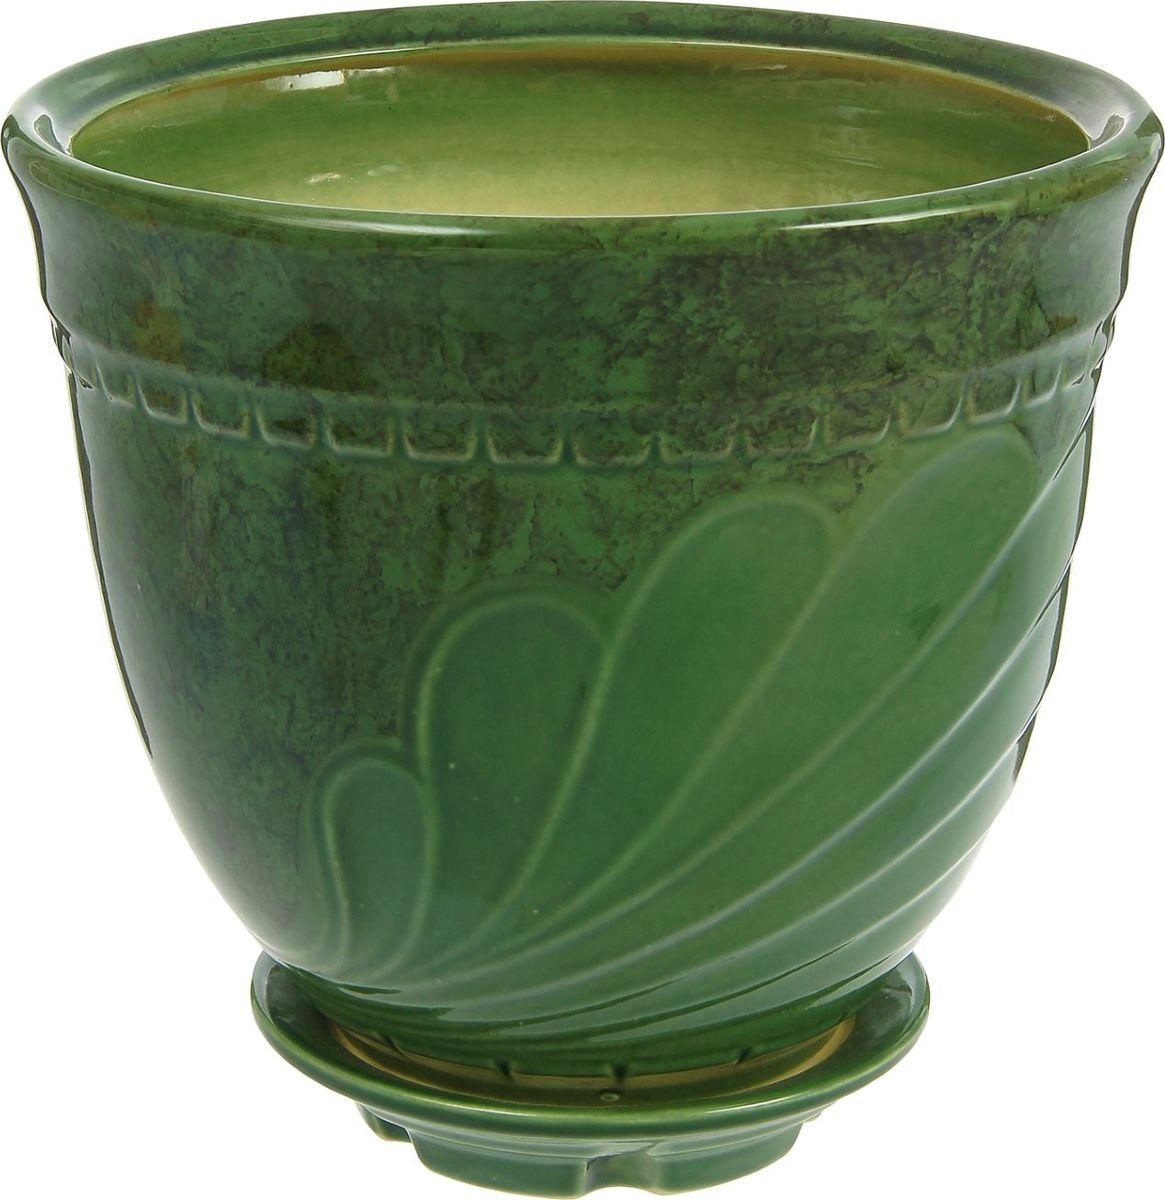 Кашпо Ландыш, цвет: зеленый, 6,9 л1242157Комнатные растения — всеобщие любимцы. Они радуют глаз, насыщают помещение кислородом и украшают пространство. Каждому из них необходим свой удобный и красивый дом. Кашпо из керамики прекрасно подходят для высадки растений: за счёт пластичности глины и разных способов обработки существует великое множество форм и дизайновпористый материал позволяет испаряться лишней влагевоздух, необходимый для дыхания корней, проникает сквозь керамические стенки! #name# позаботится о зелёном питомце, освежит интерьер и подчеркнёт его стиль.